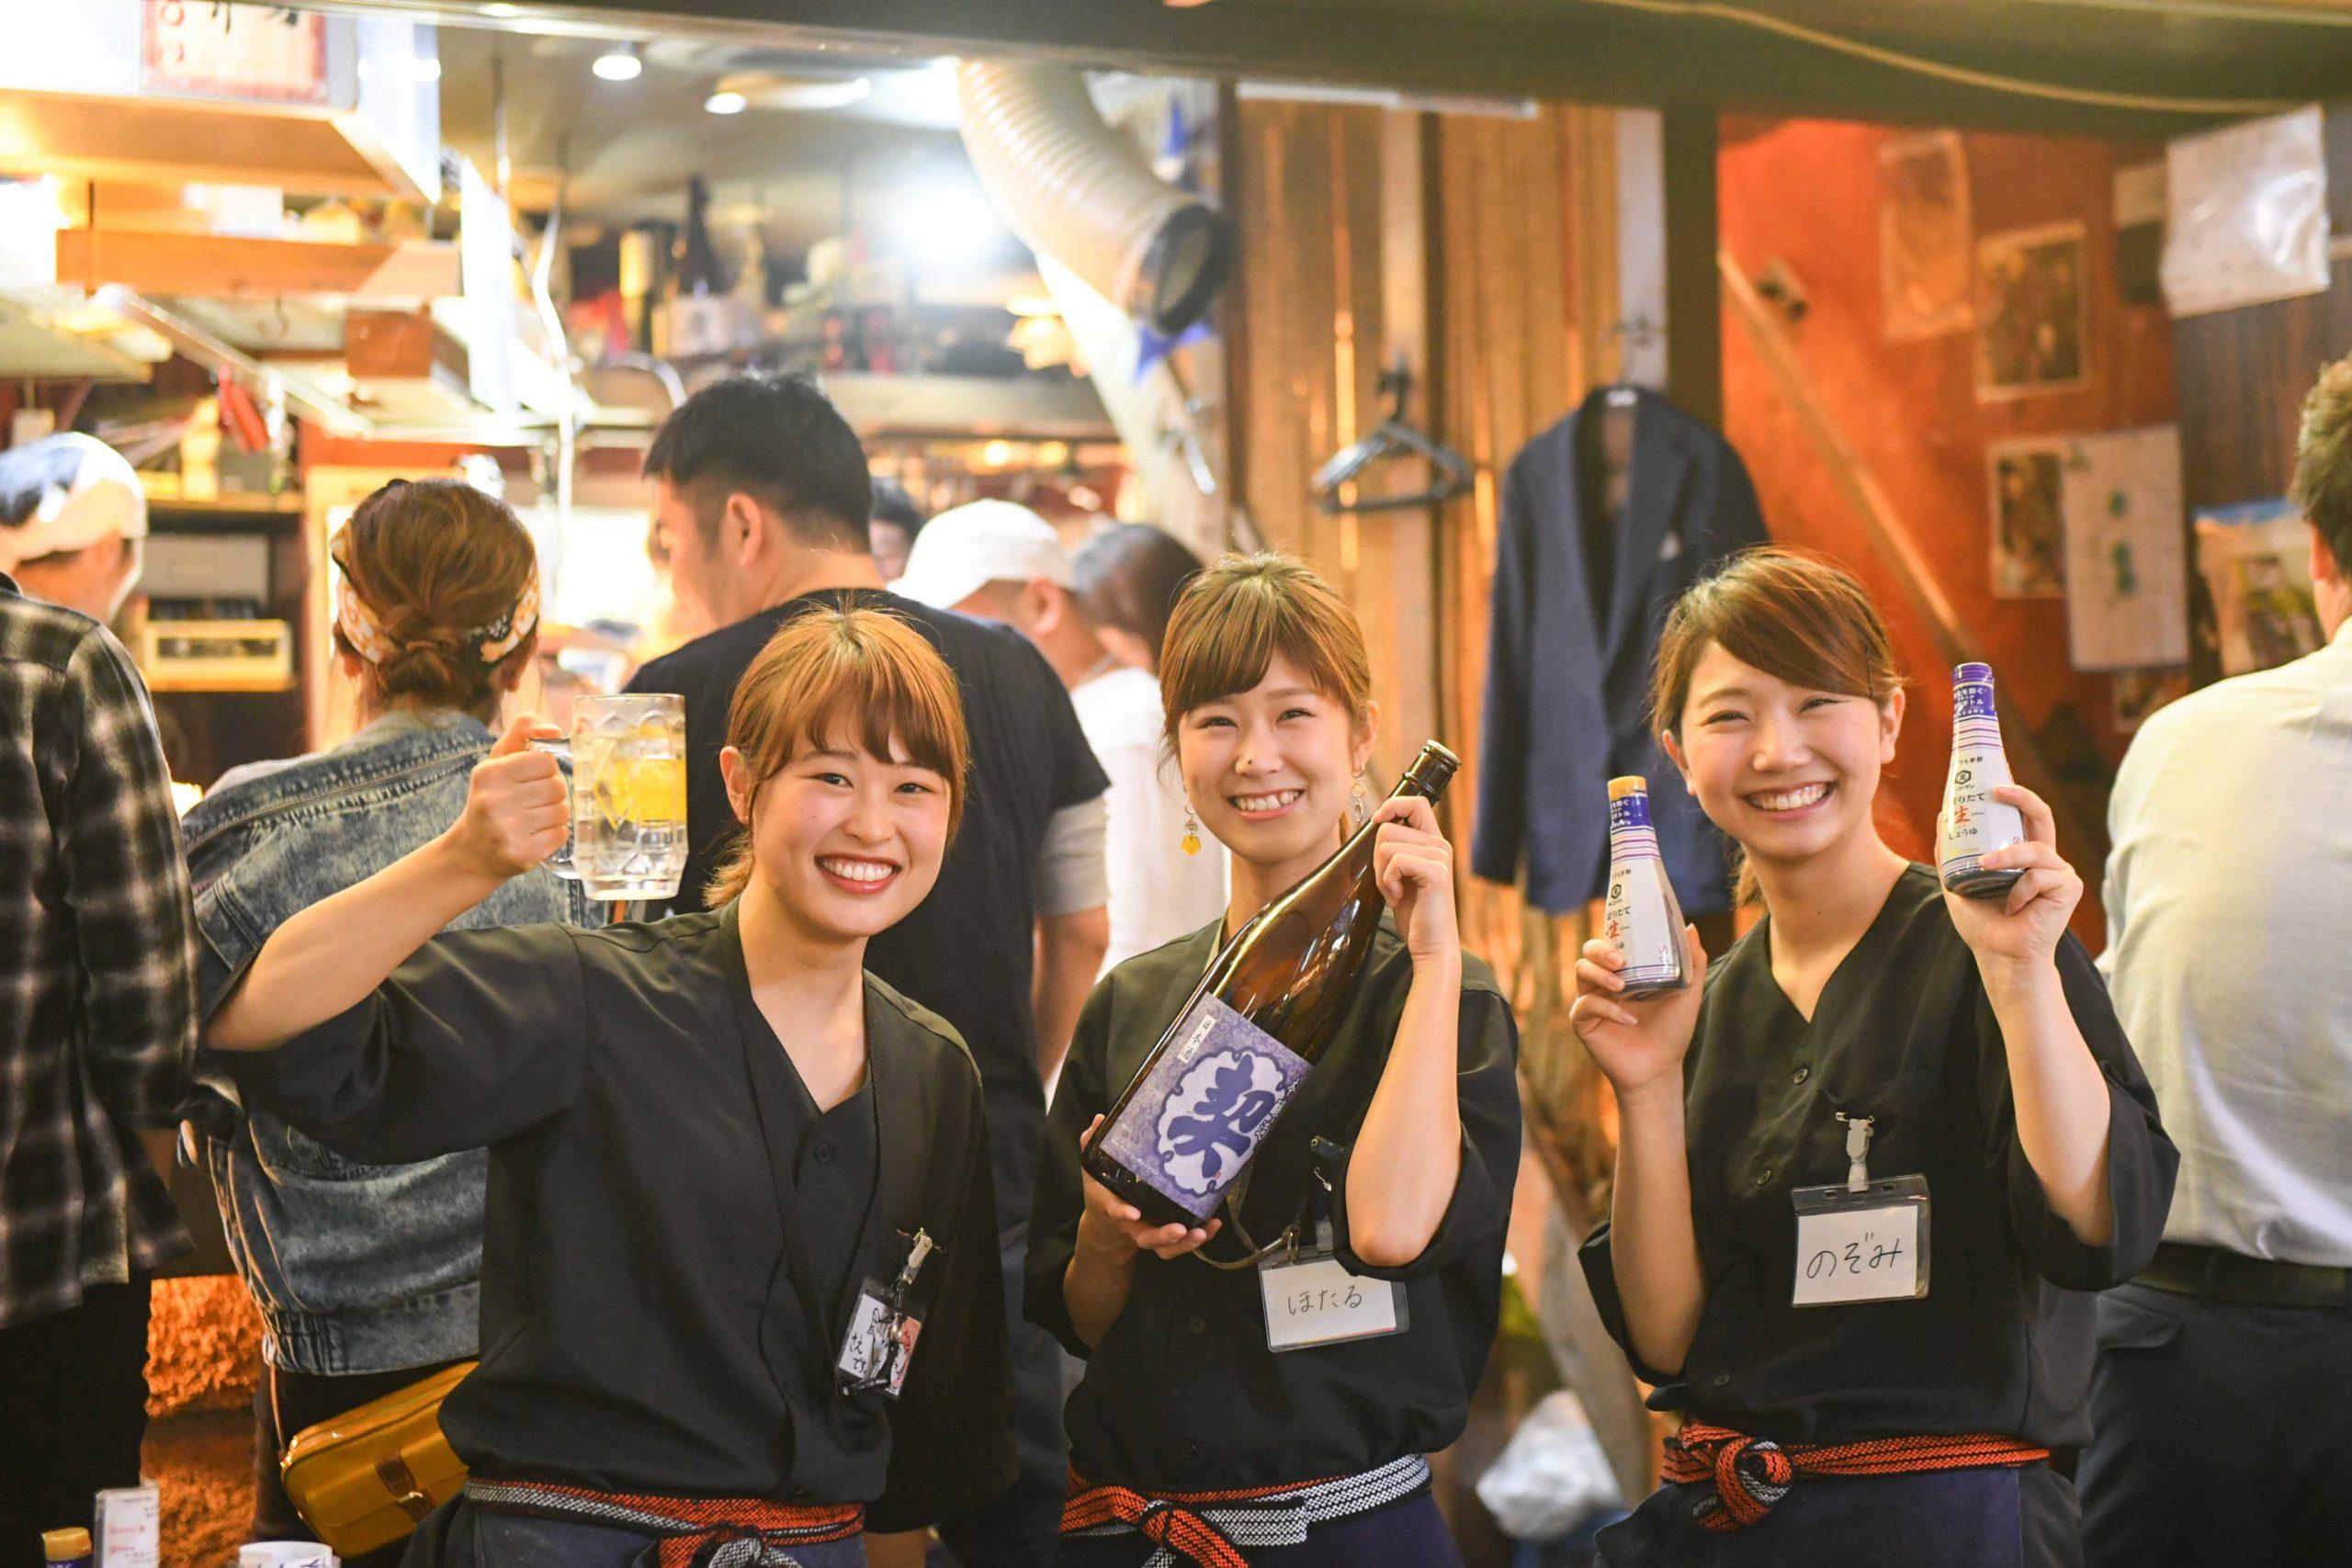 居酒屋内で笑顔でポーズをとる若手女性スタッフ3名